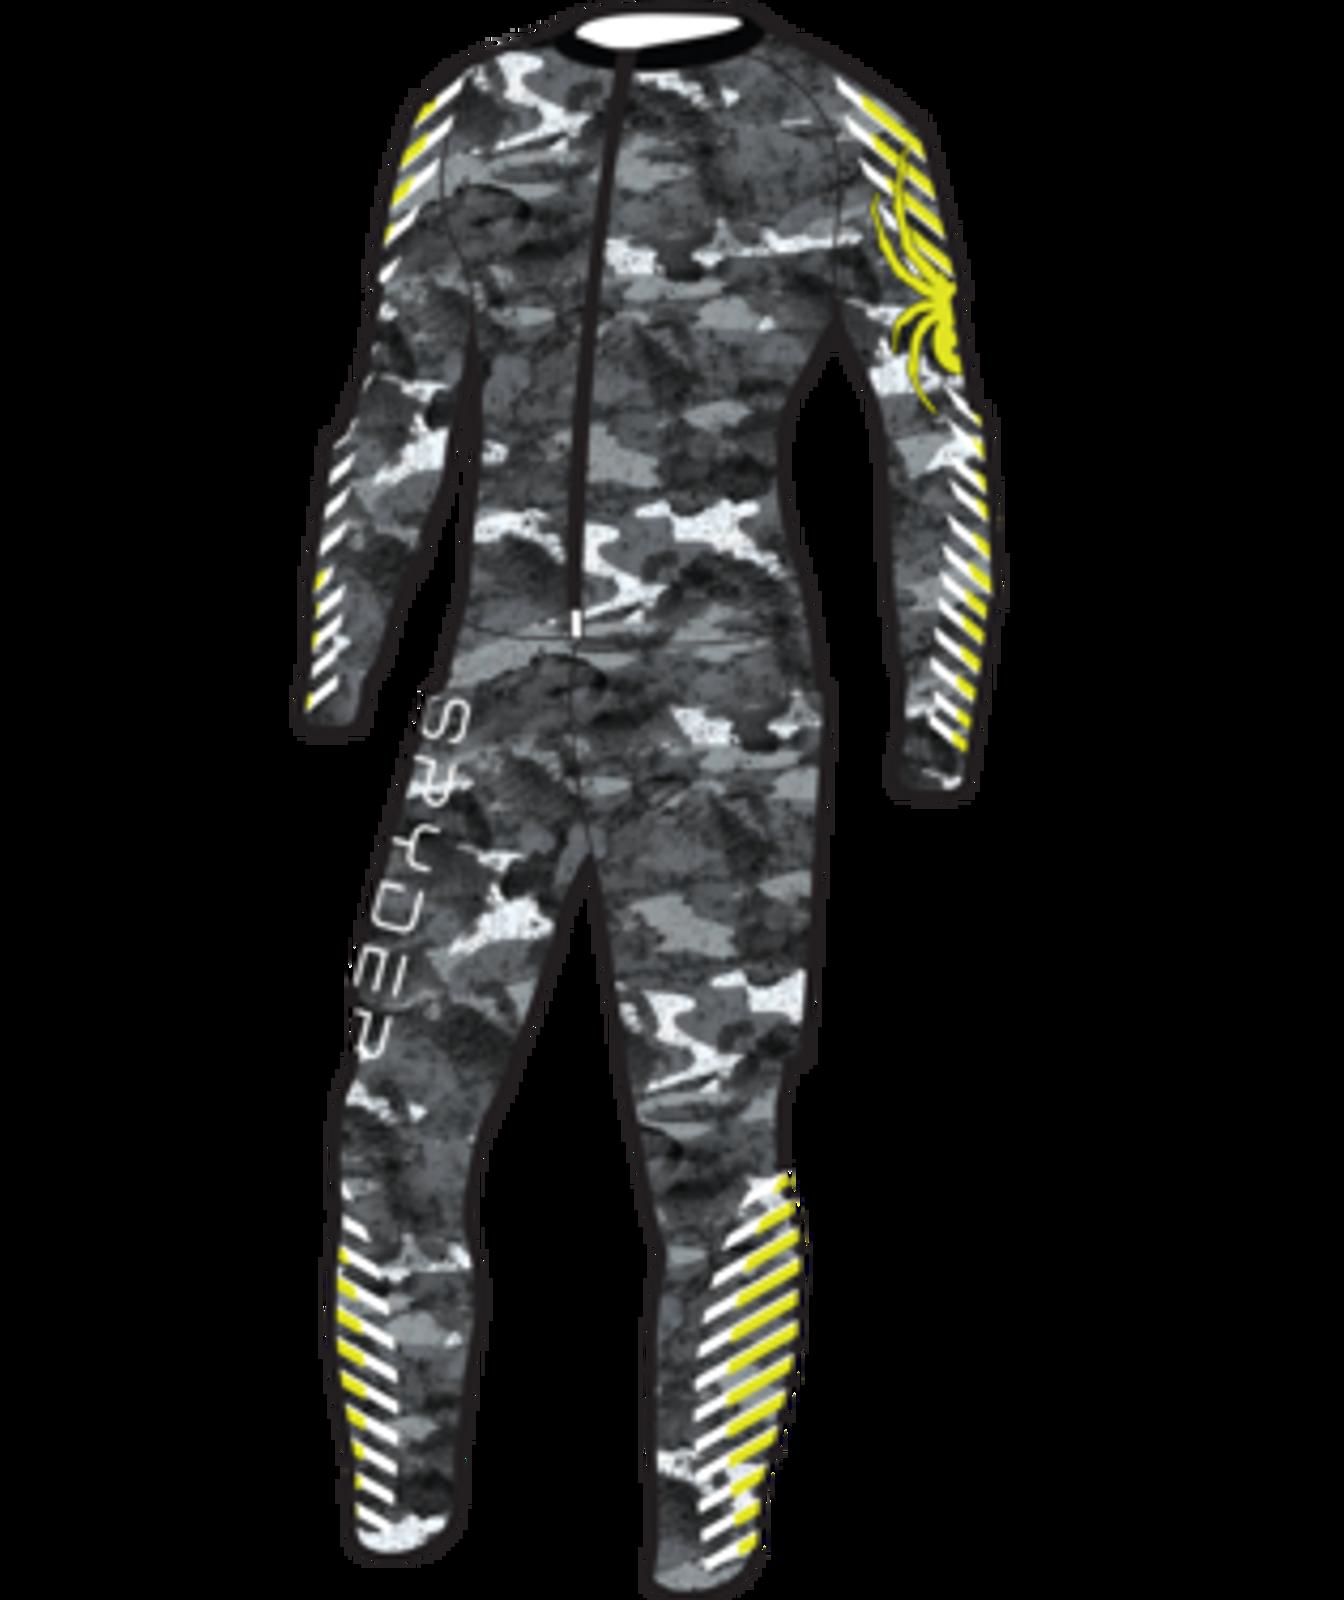 SPYDER BOY'S PERFORMANCE GS RACE SUIT 18'